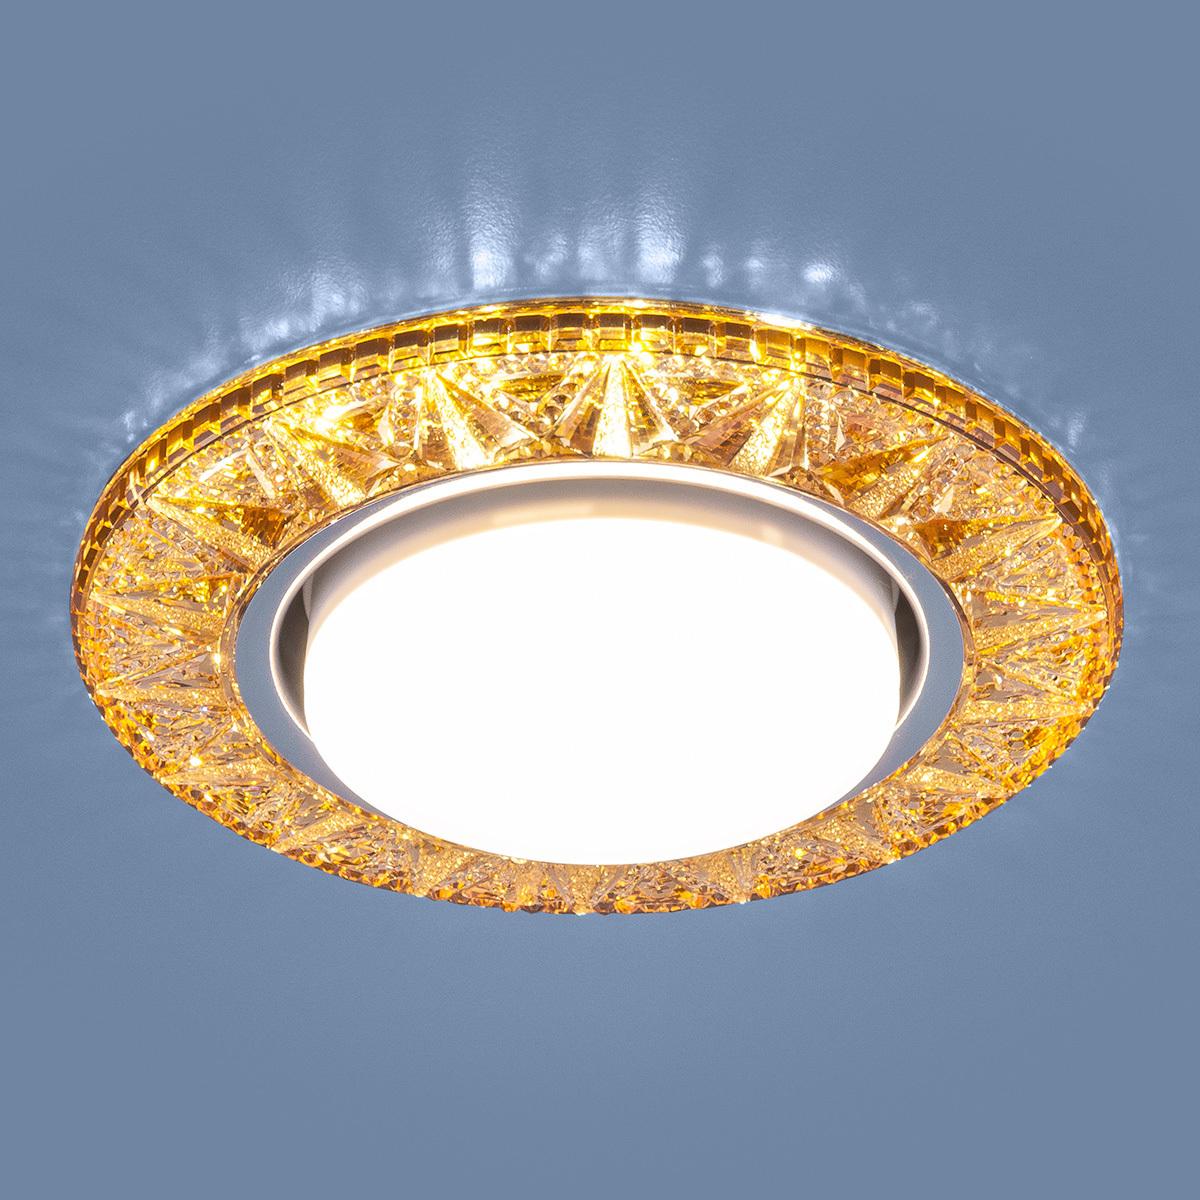 Встраиваемый светильник Elektrostandard Точечный светодиодный 3022 GX53 GD, GX53 светильник встраиваемый escada milano gu5 3 001 gd